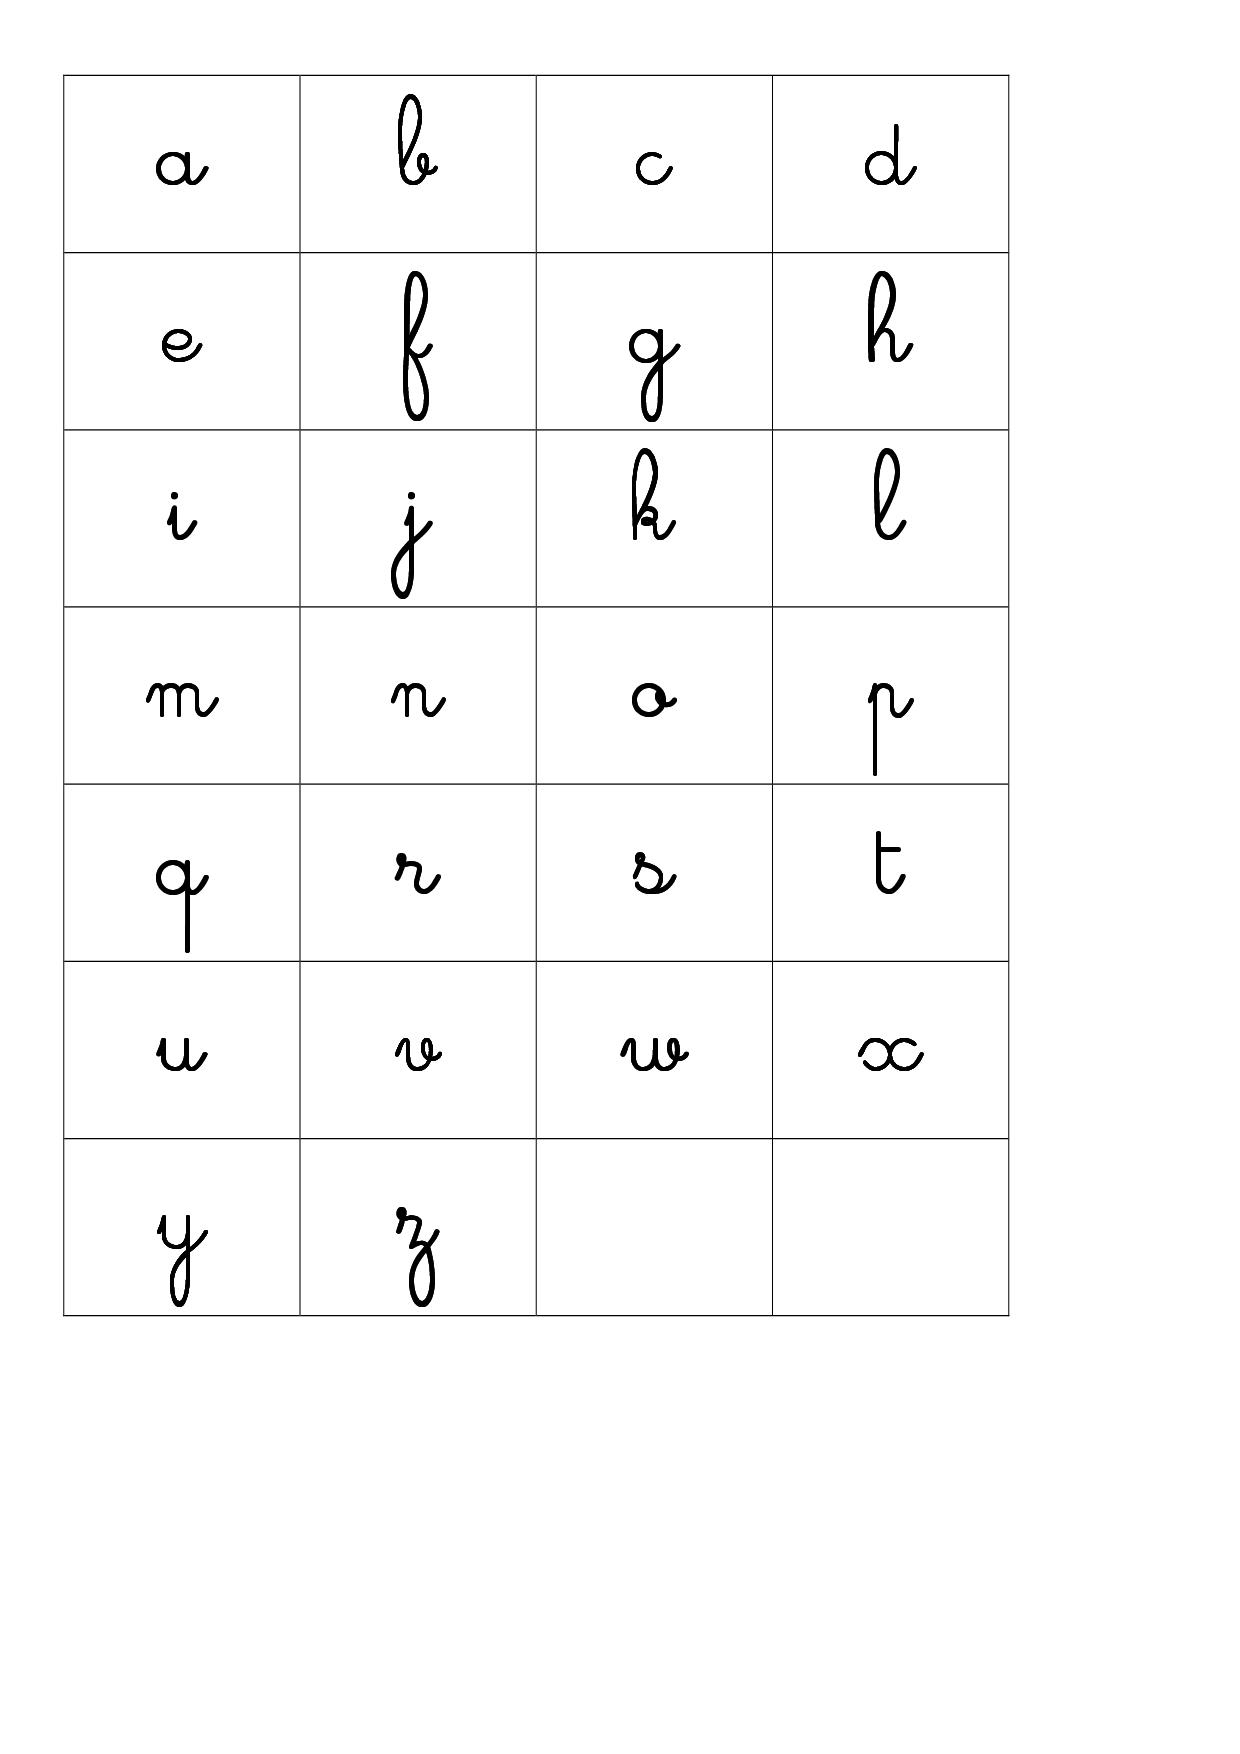 Apprendre Les Lettres De L'alphabet Avec Leap Frog - La intérieur Apprendre Les Lettres Maternelle